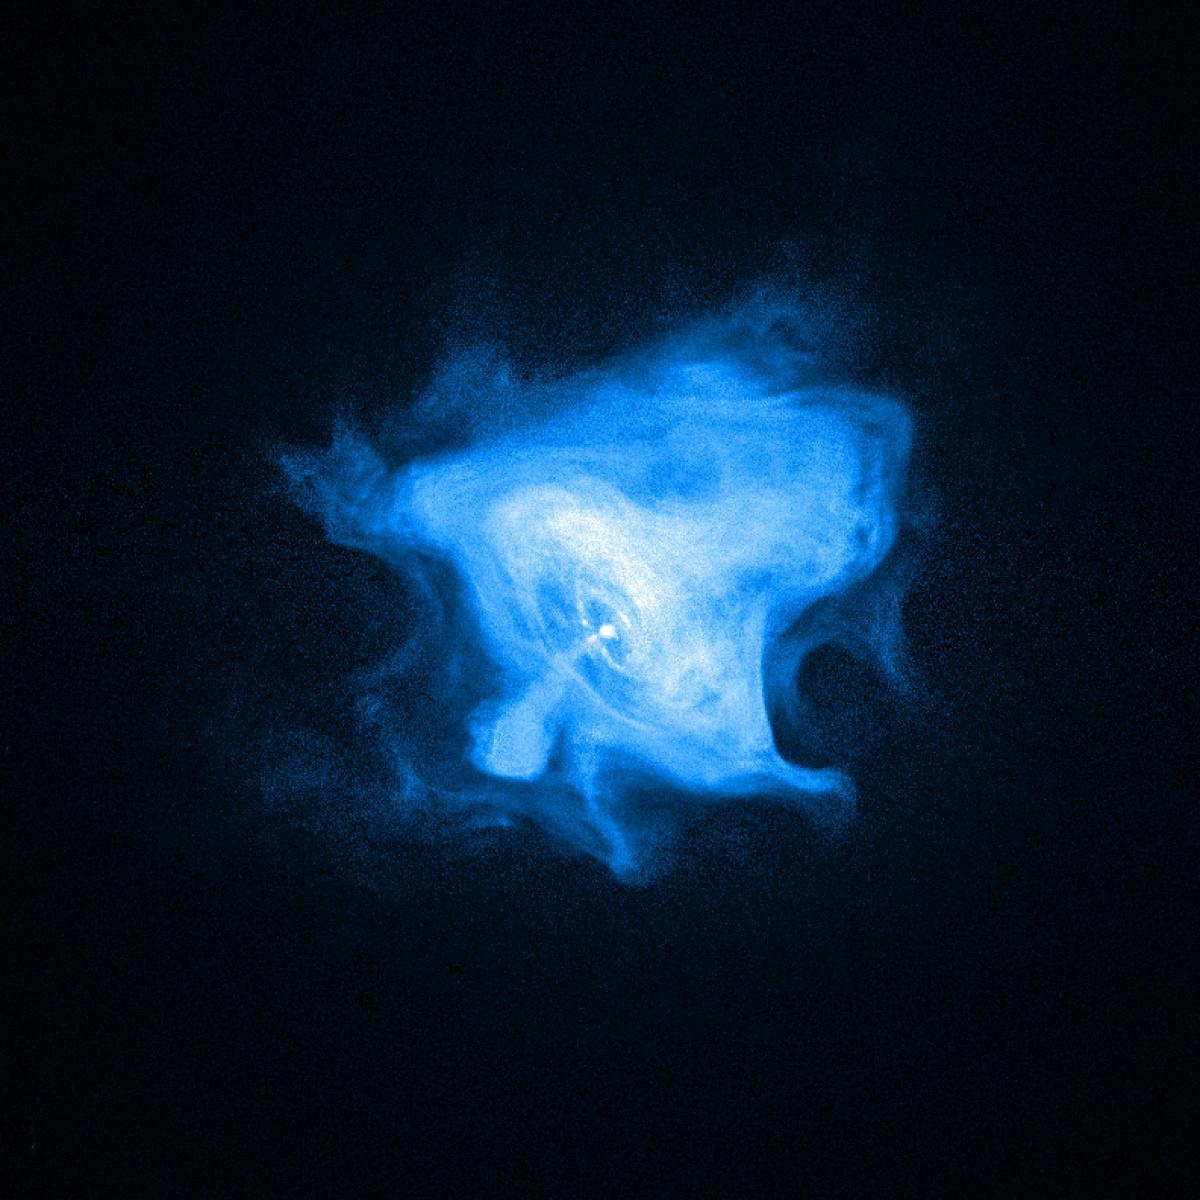 X-Ray nebula